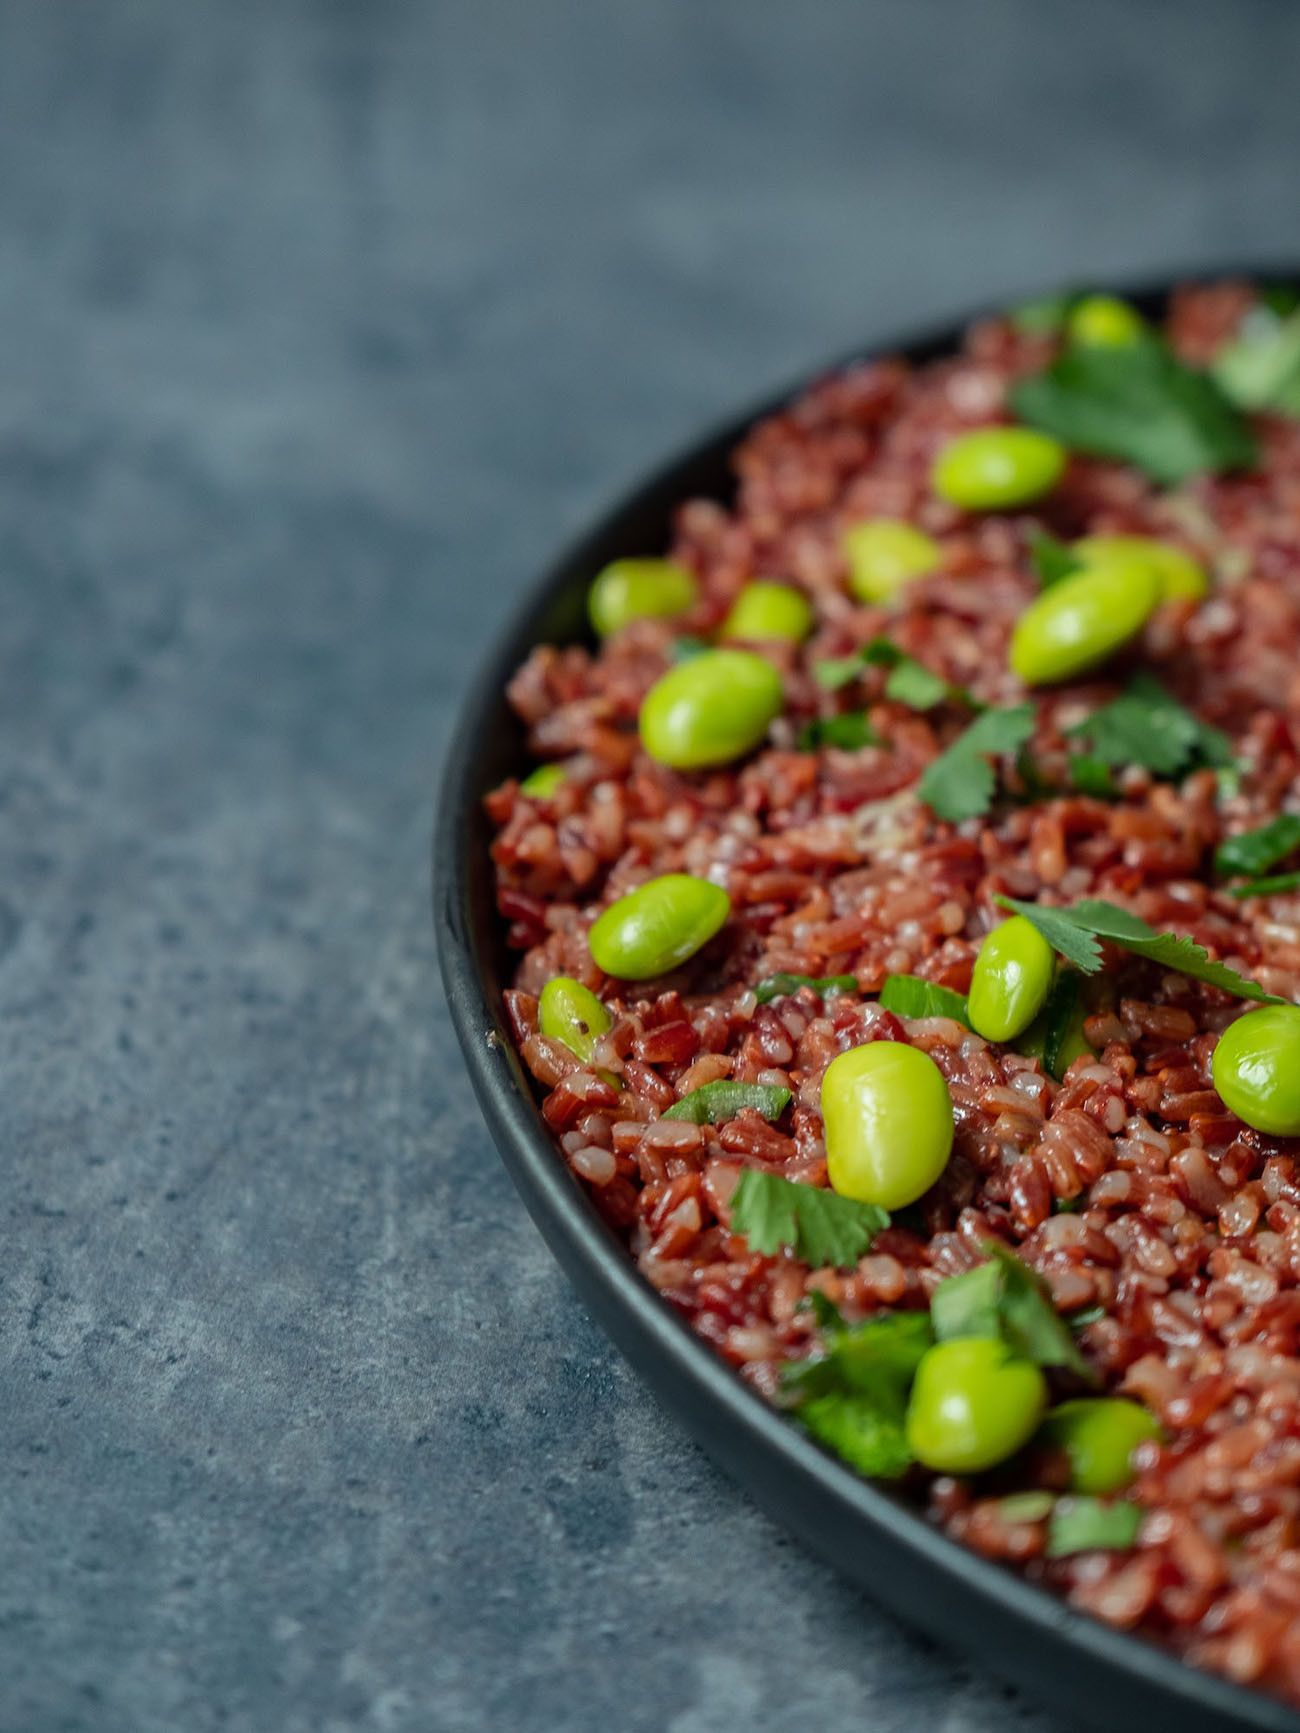 Foodblog About Fuel, Rezept Roter Reissalat mit Edamame und Ahornsirup Lachs, Edamame